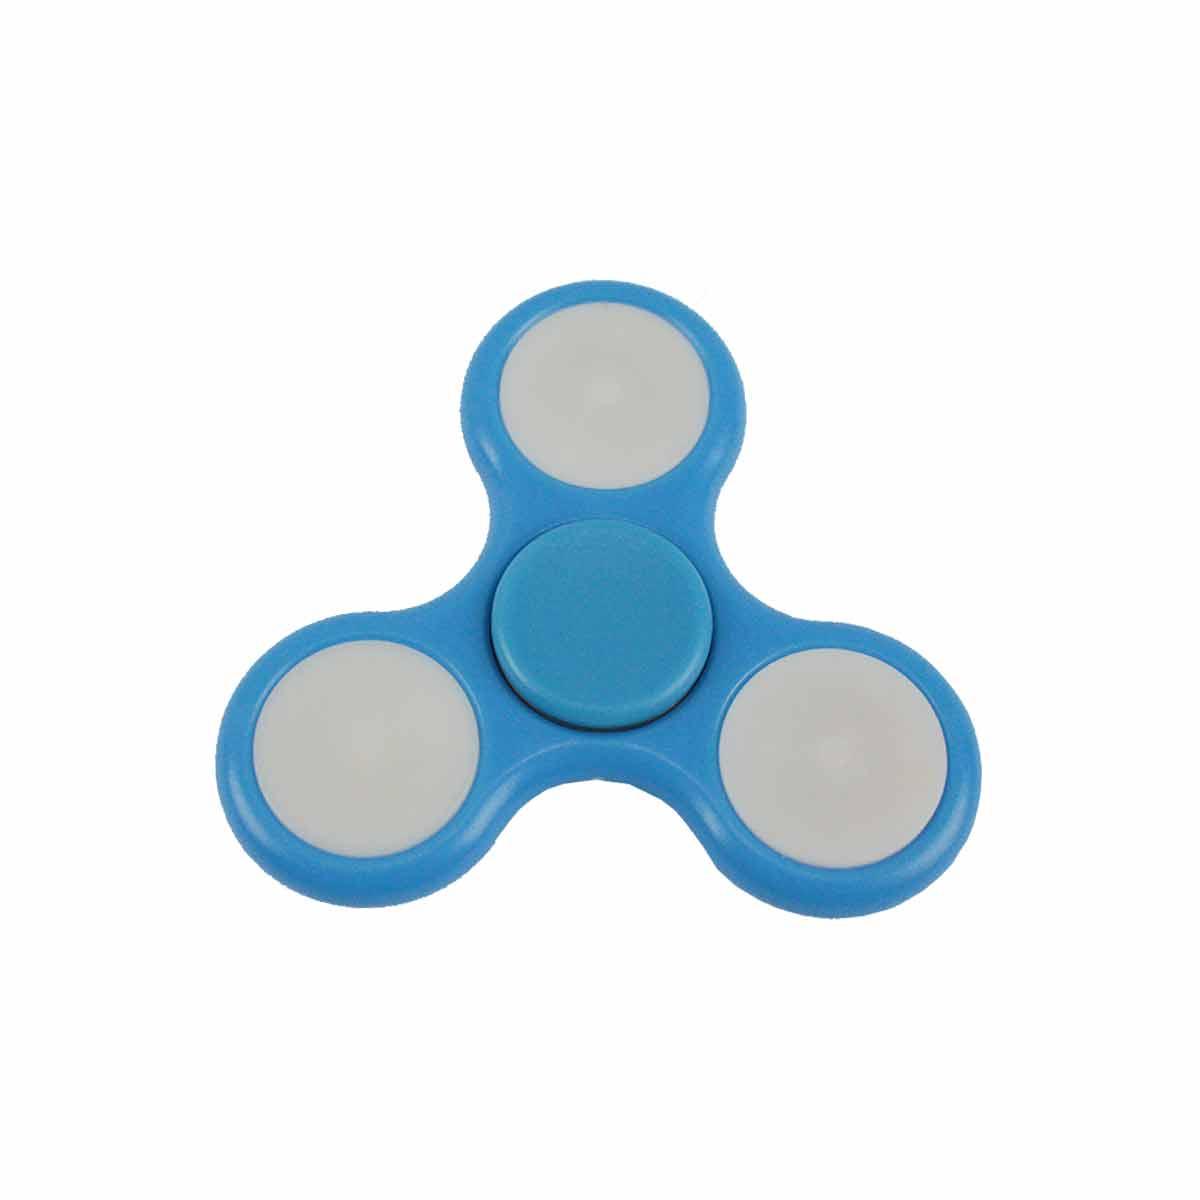 Fidget Hand Spinner Toy Azul Claro c/ LED - Fingertoy